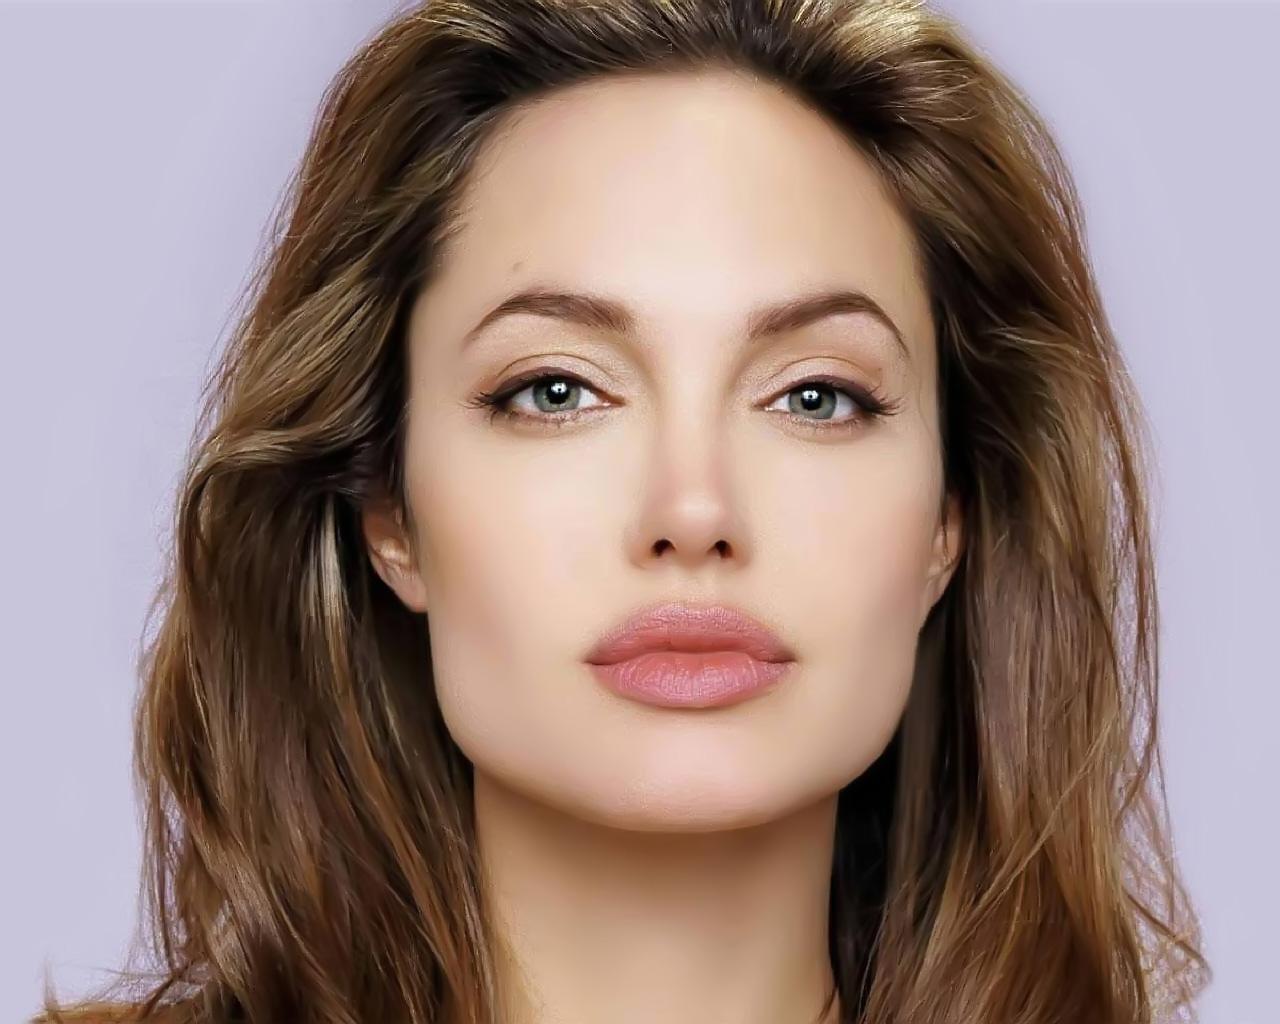 http://3.bp.blogspot.com/-bR6D84NQRqw/Typ-yyMwU4I/AAAAAAAACls/swffbOw4Q1o/s1600/Angelina-Jolie.jpg